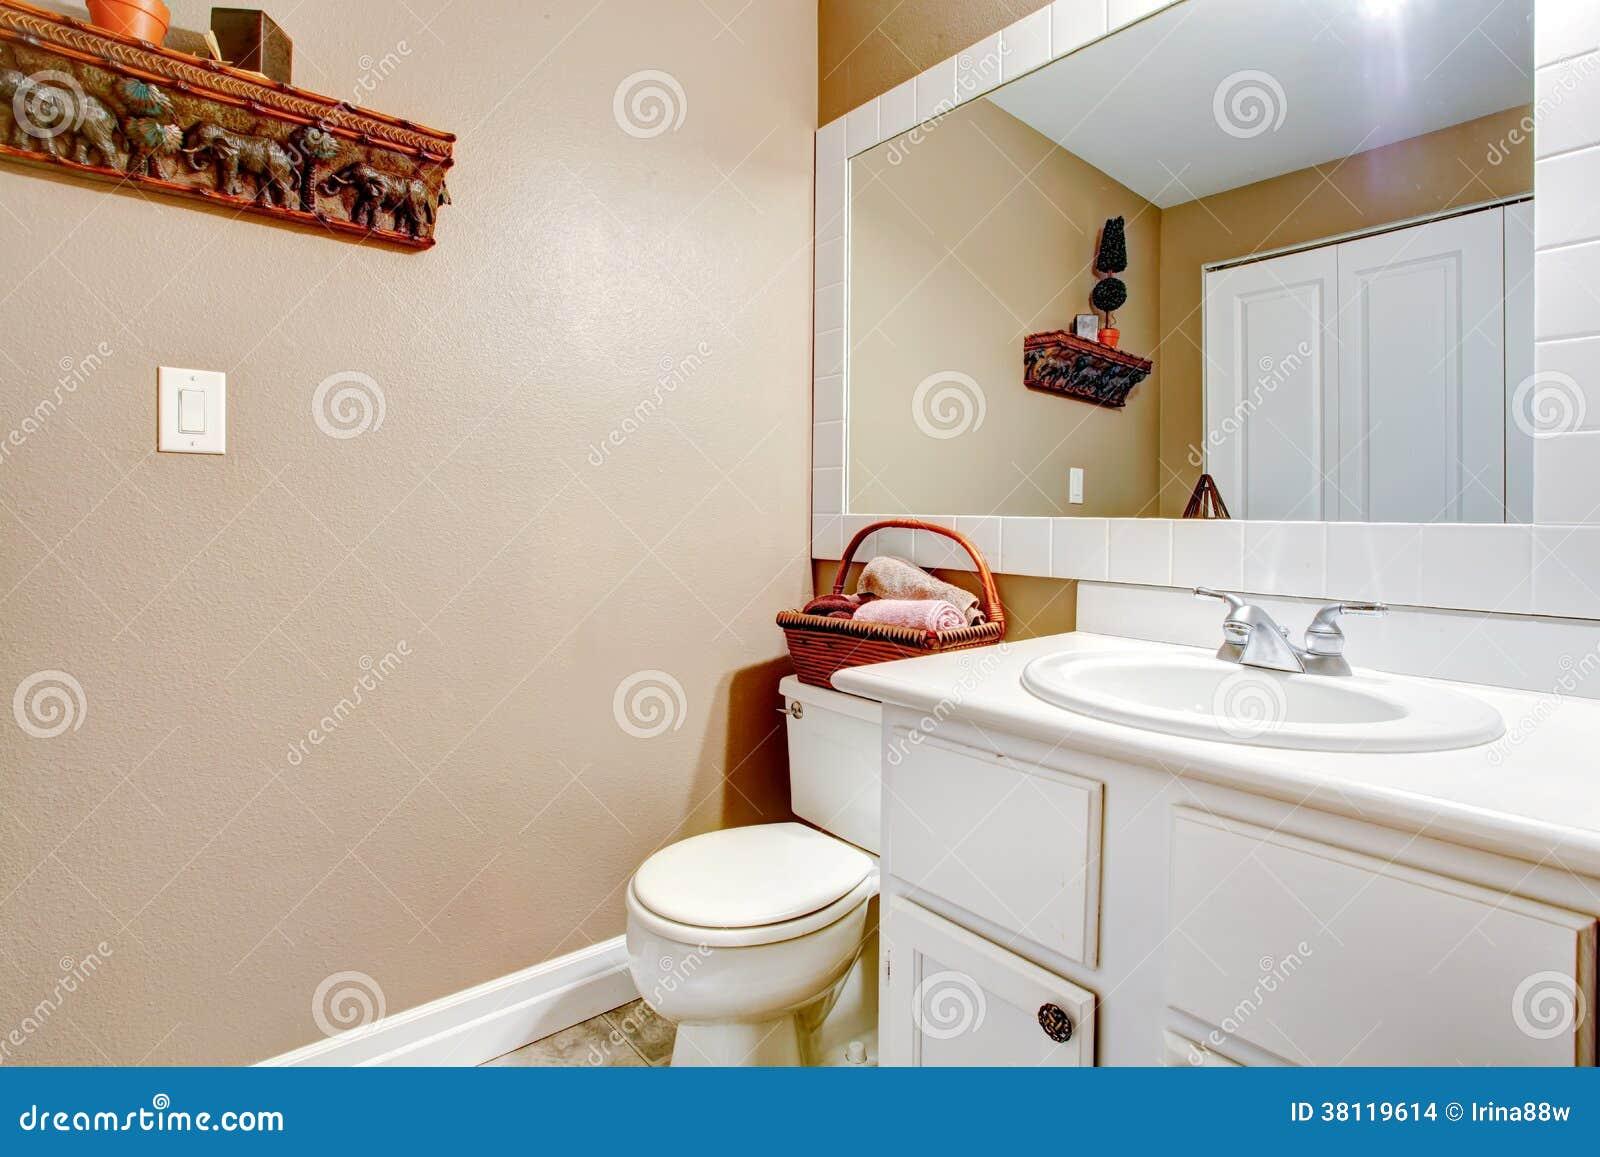 Banheiro Simples Decorado Imagens de Stock  Imagem 38119614 -> Banheiro Decorado Com Cestas